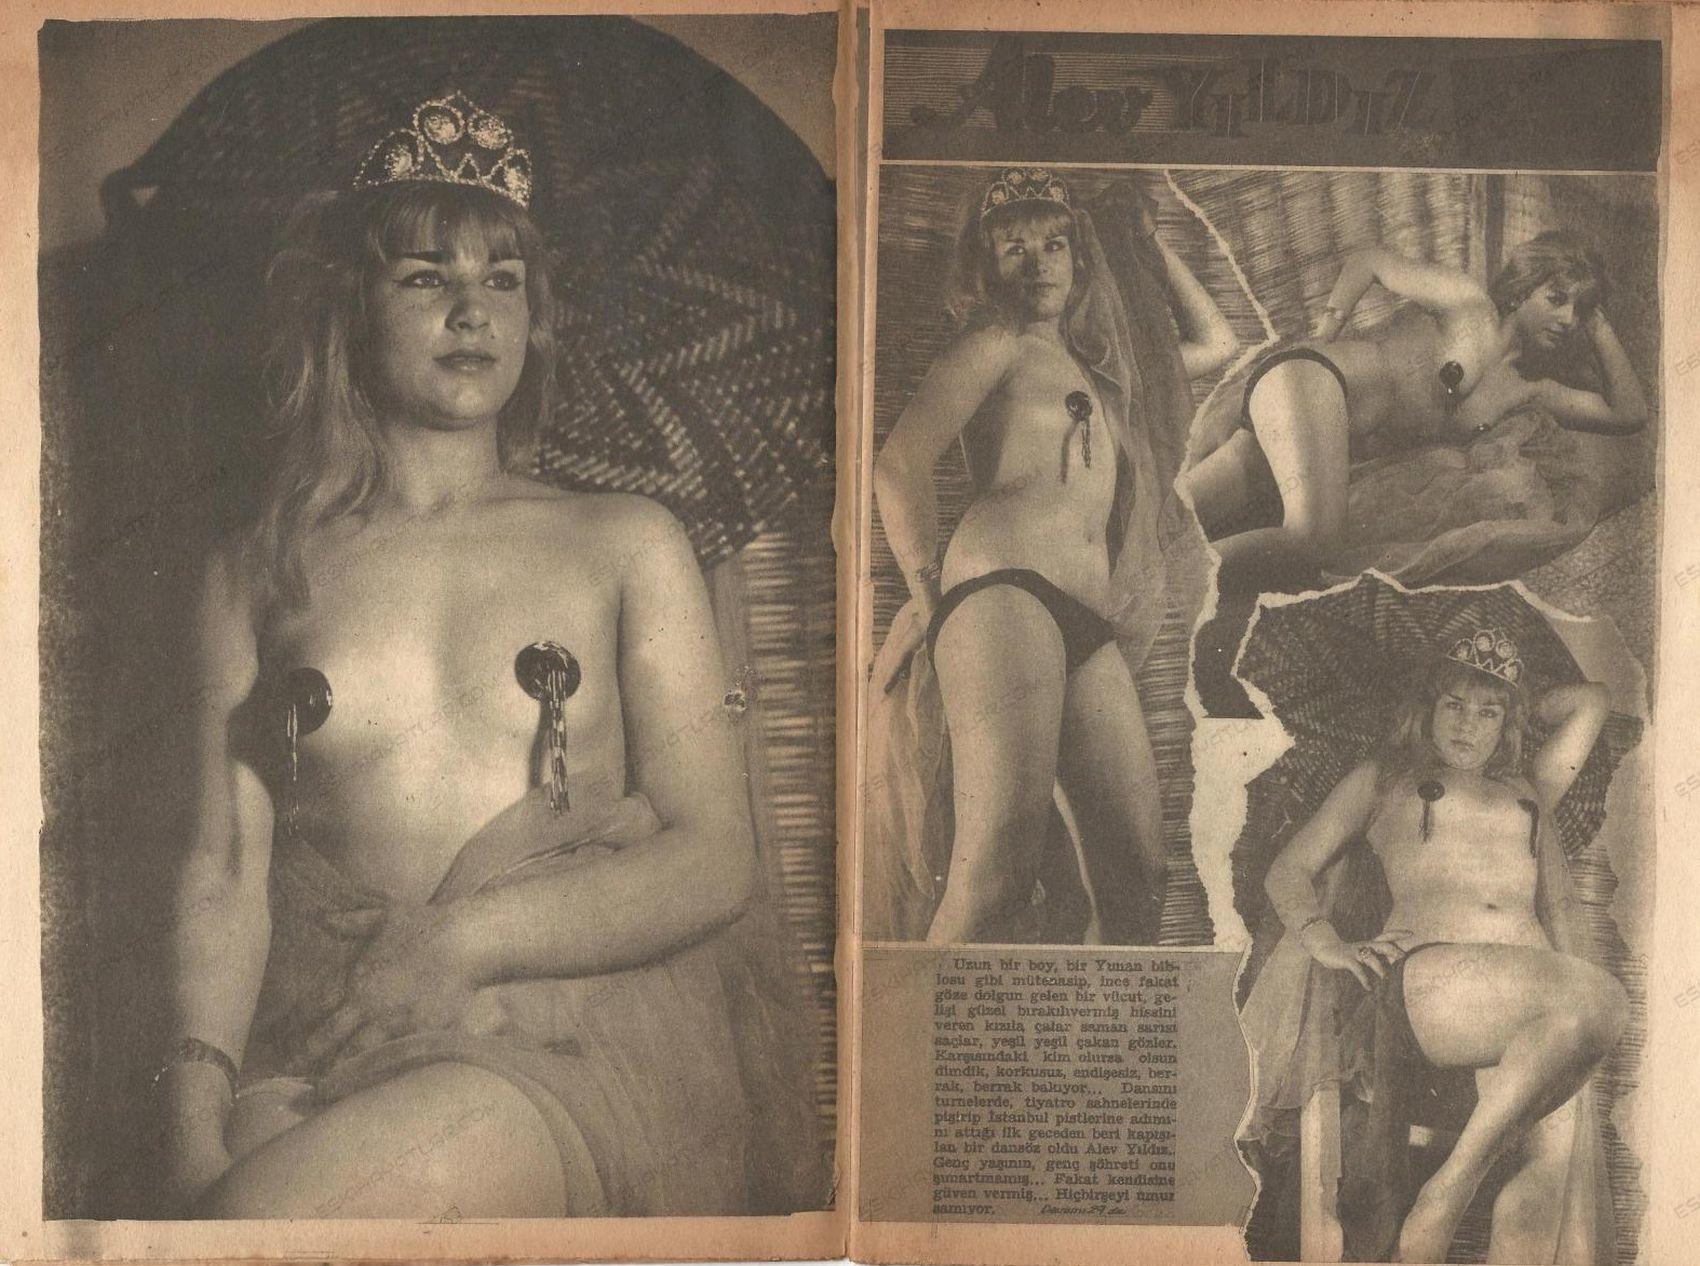 0375-evrim-fer-kimdir-1954-ayda-bir-dergisi (6)